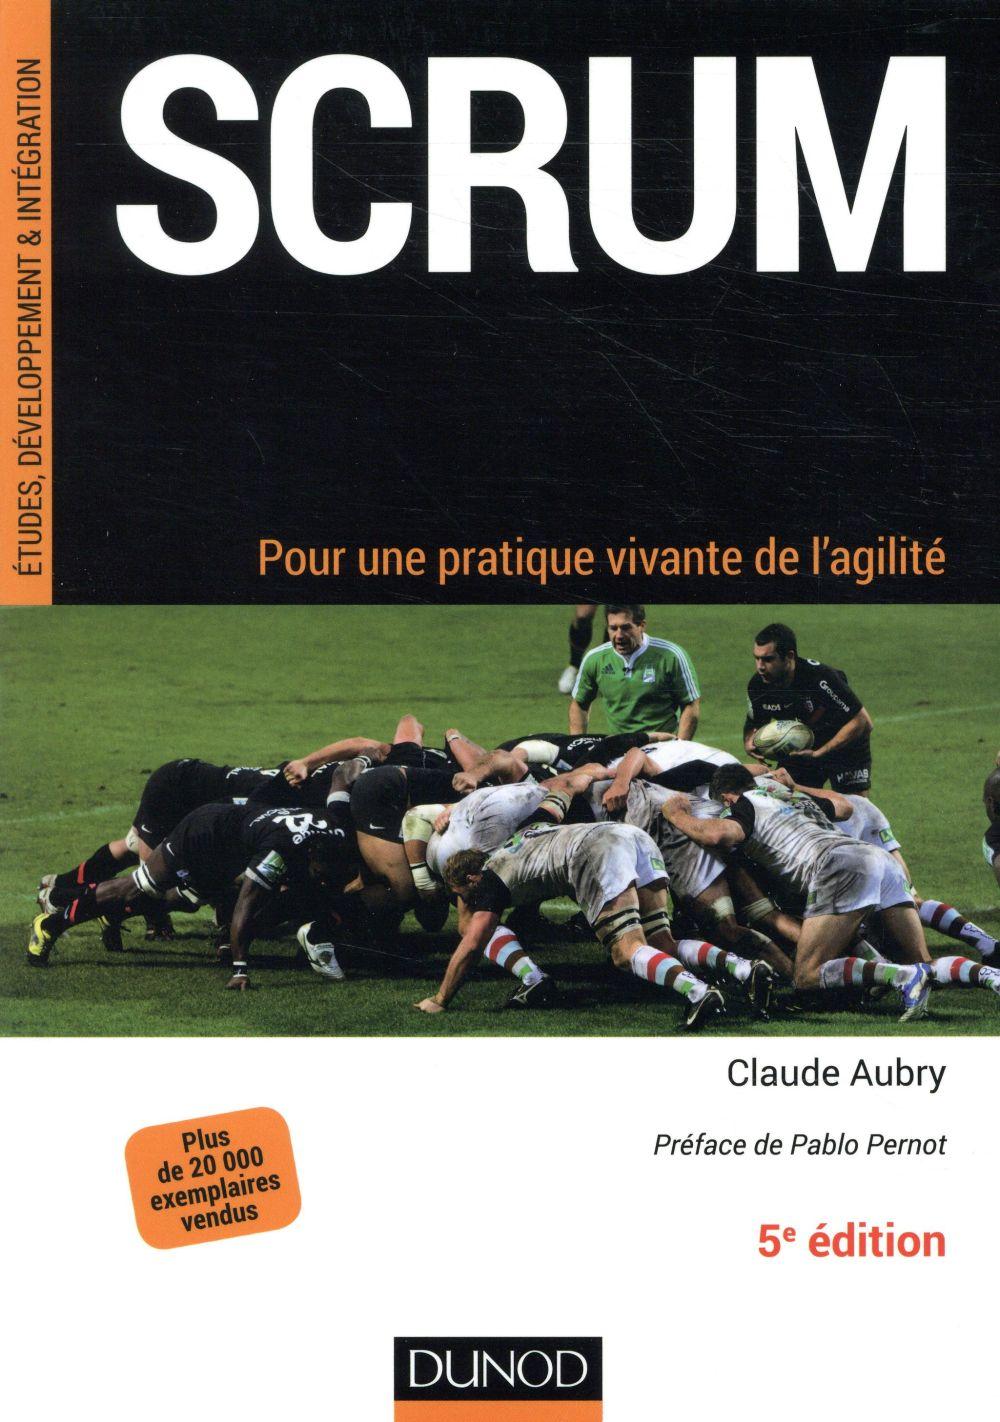 Scrum ; pour une pratique vivante de l'agilité (5e édition)